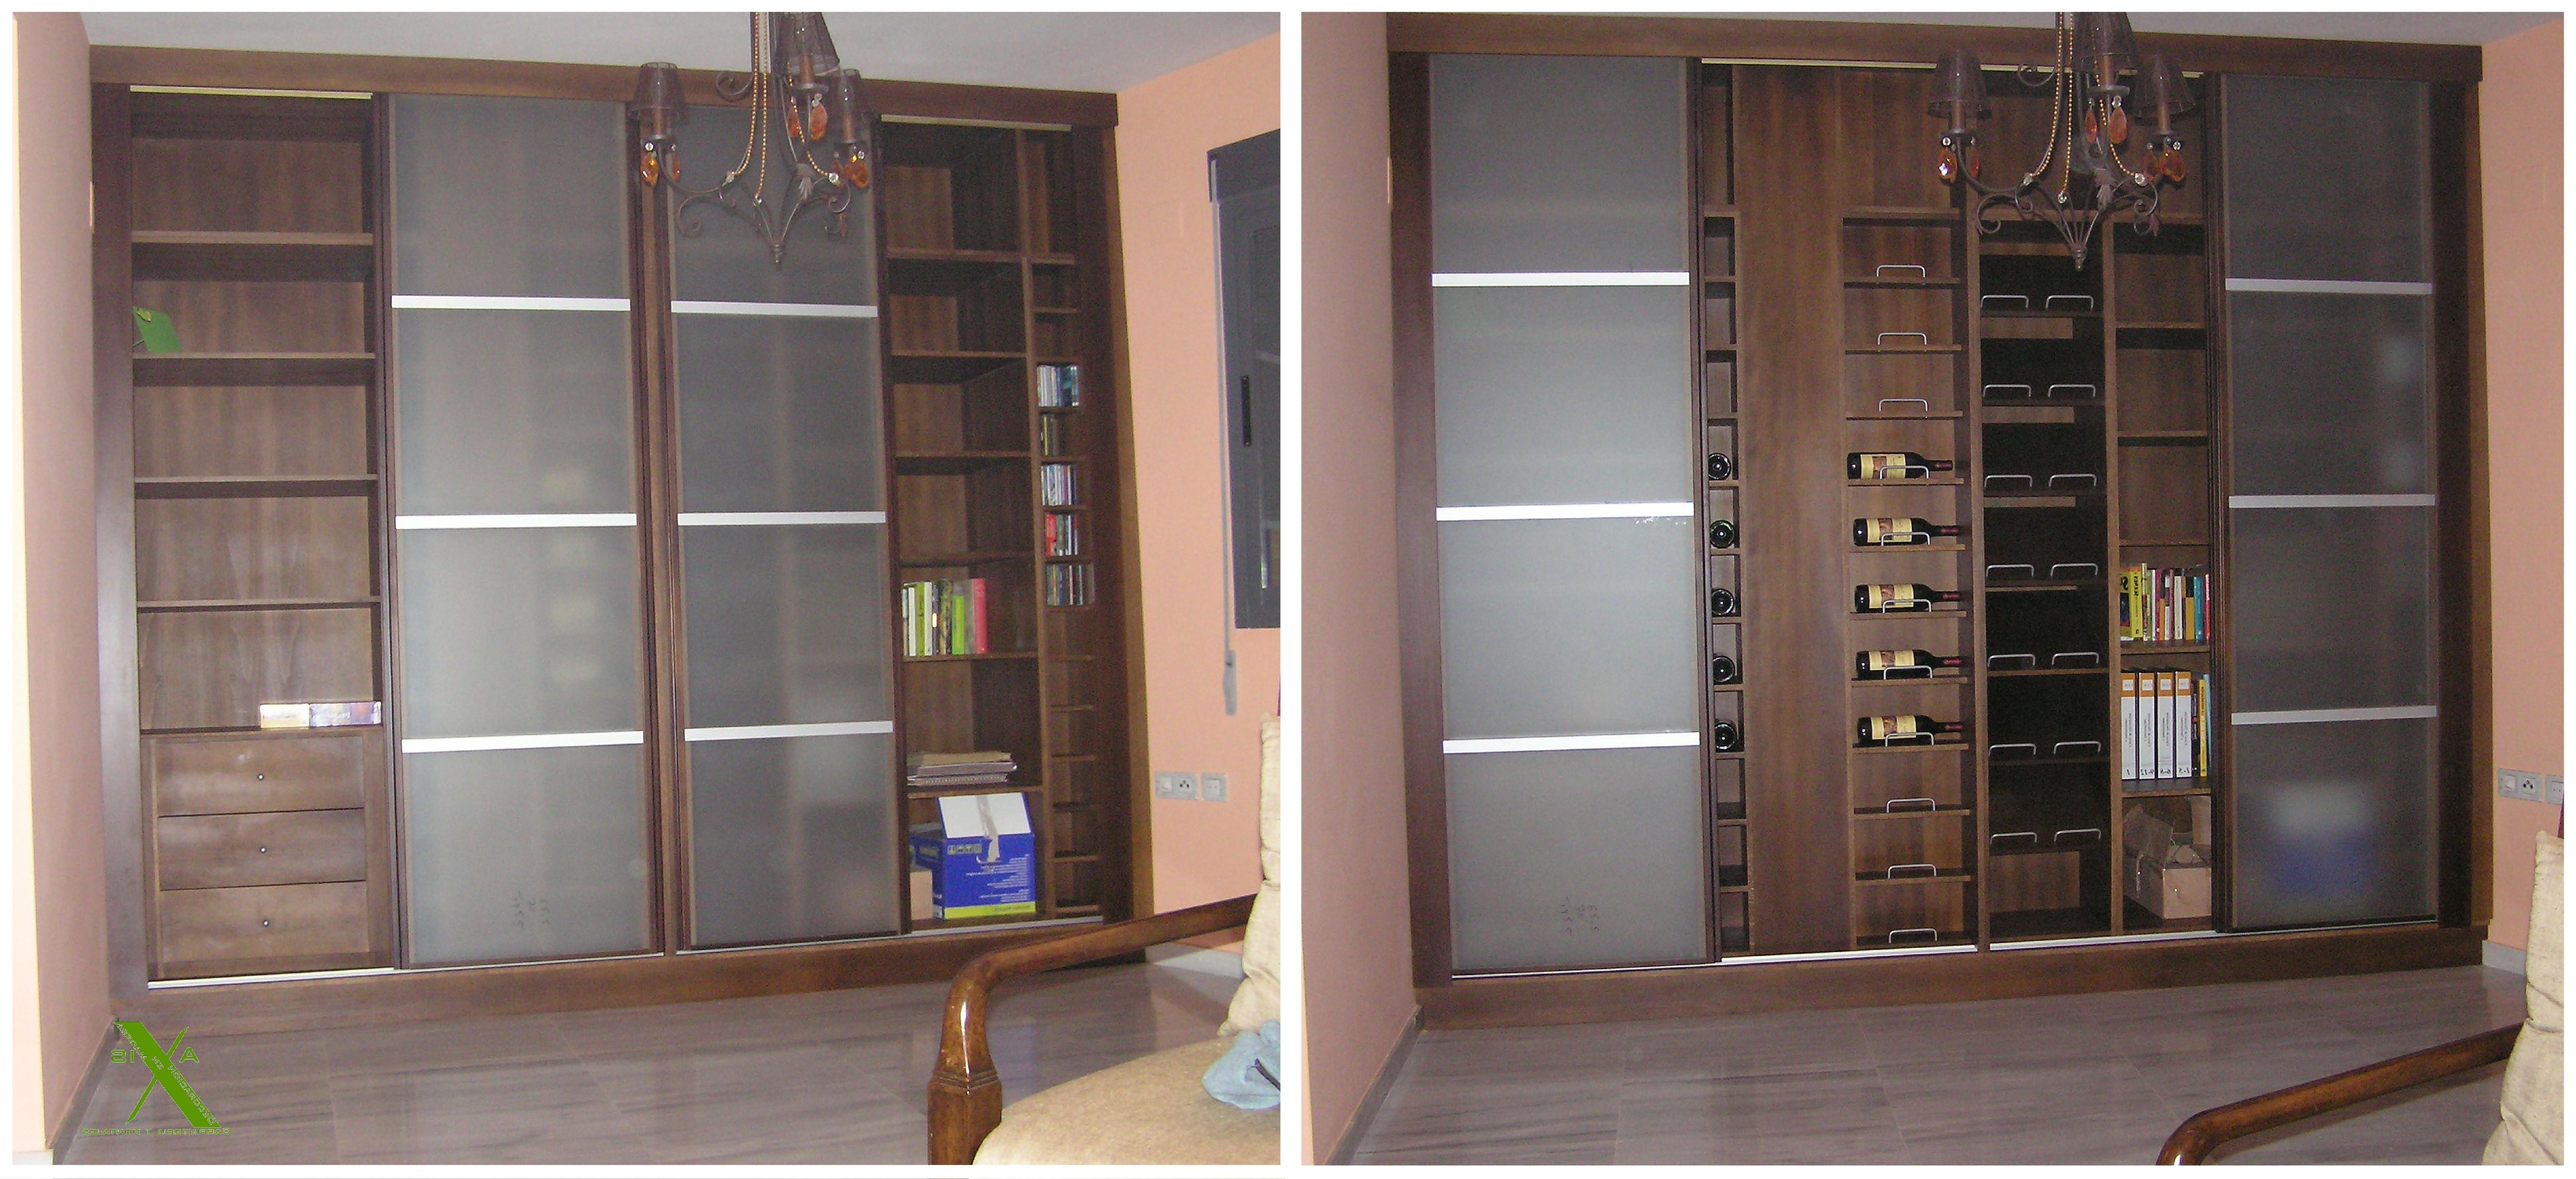 Librerias Muebles U3dh Librerias Muebles Librer as Y De Sal N Axis Ca 6534